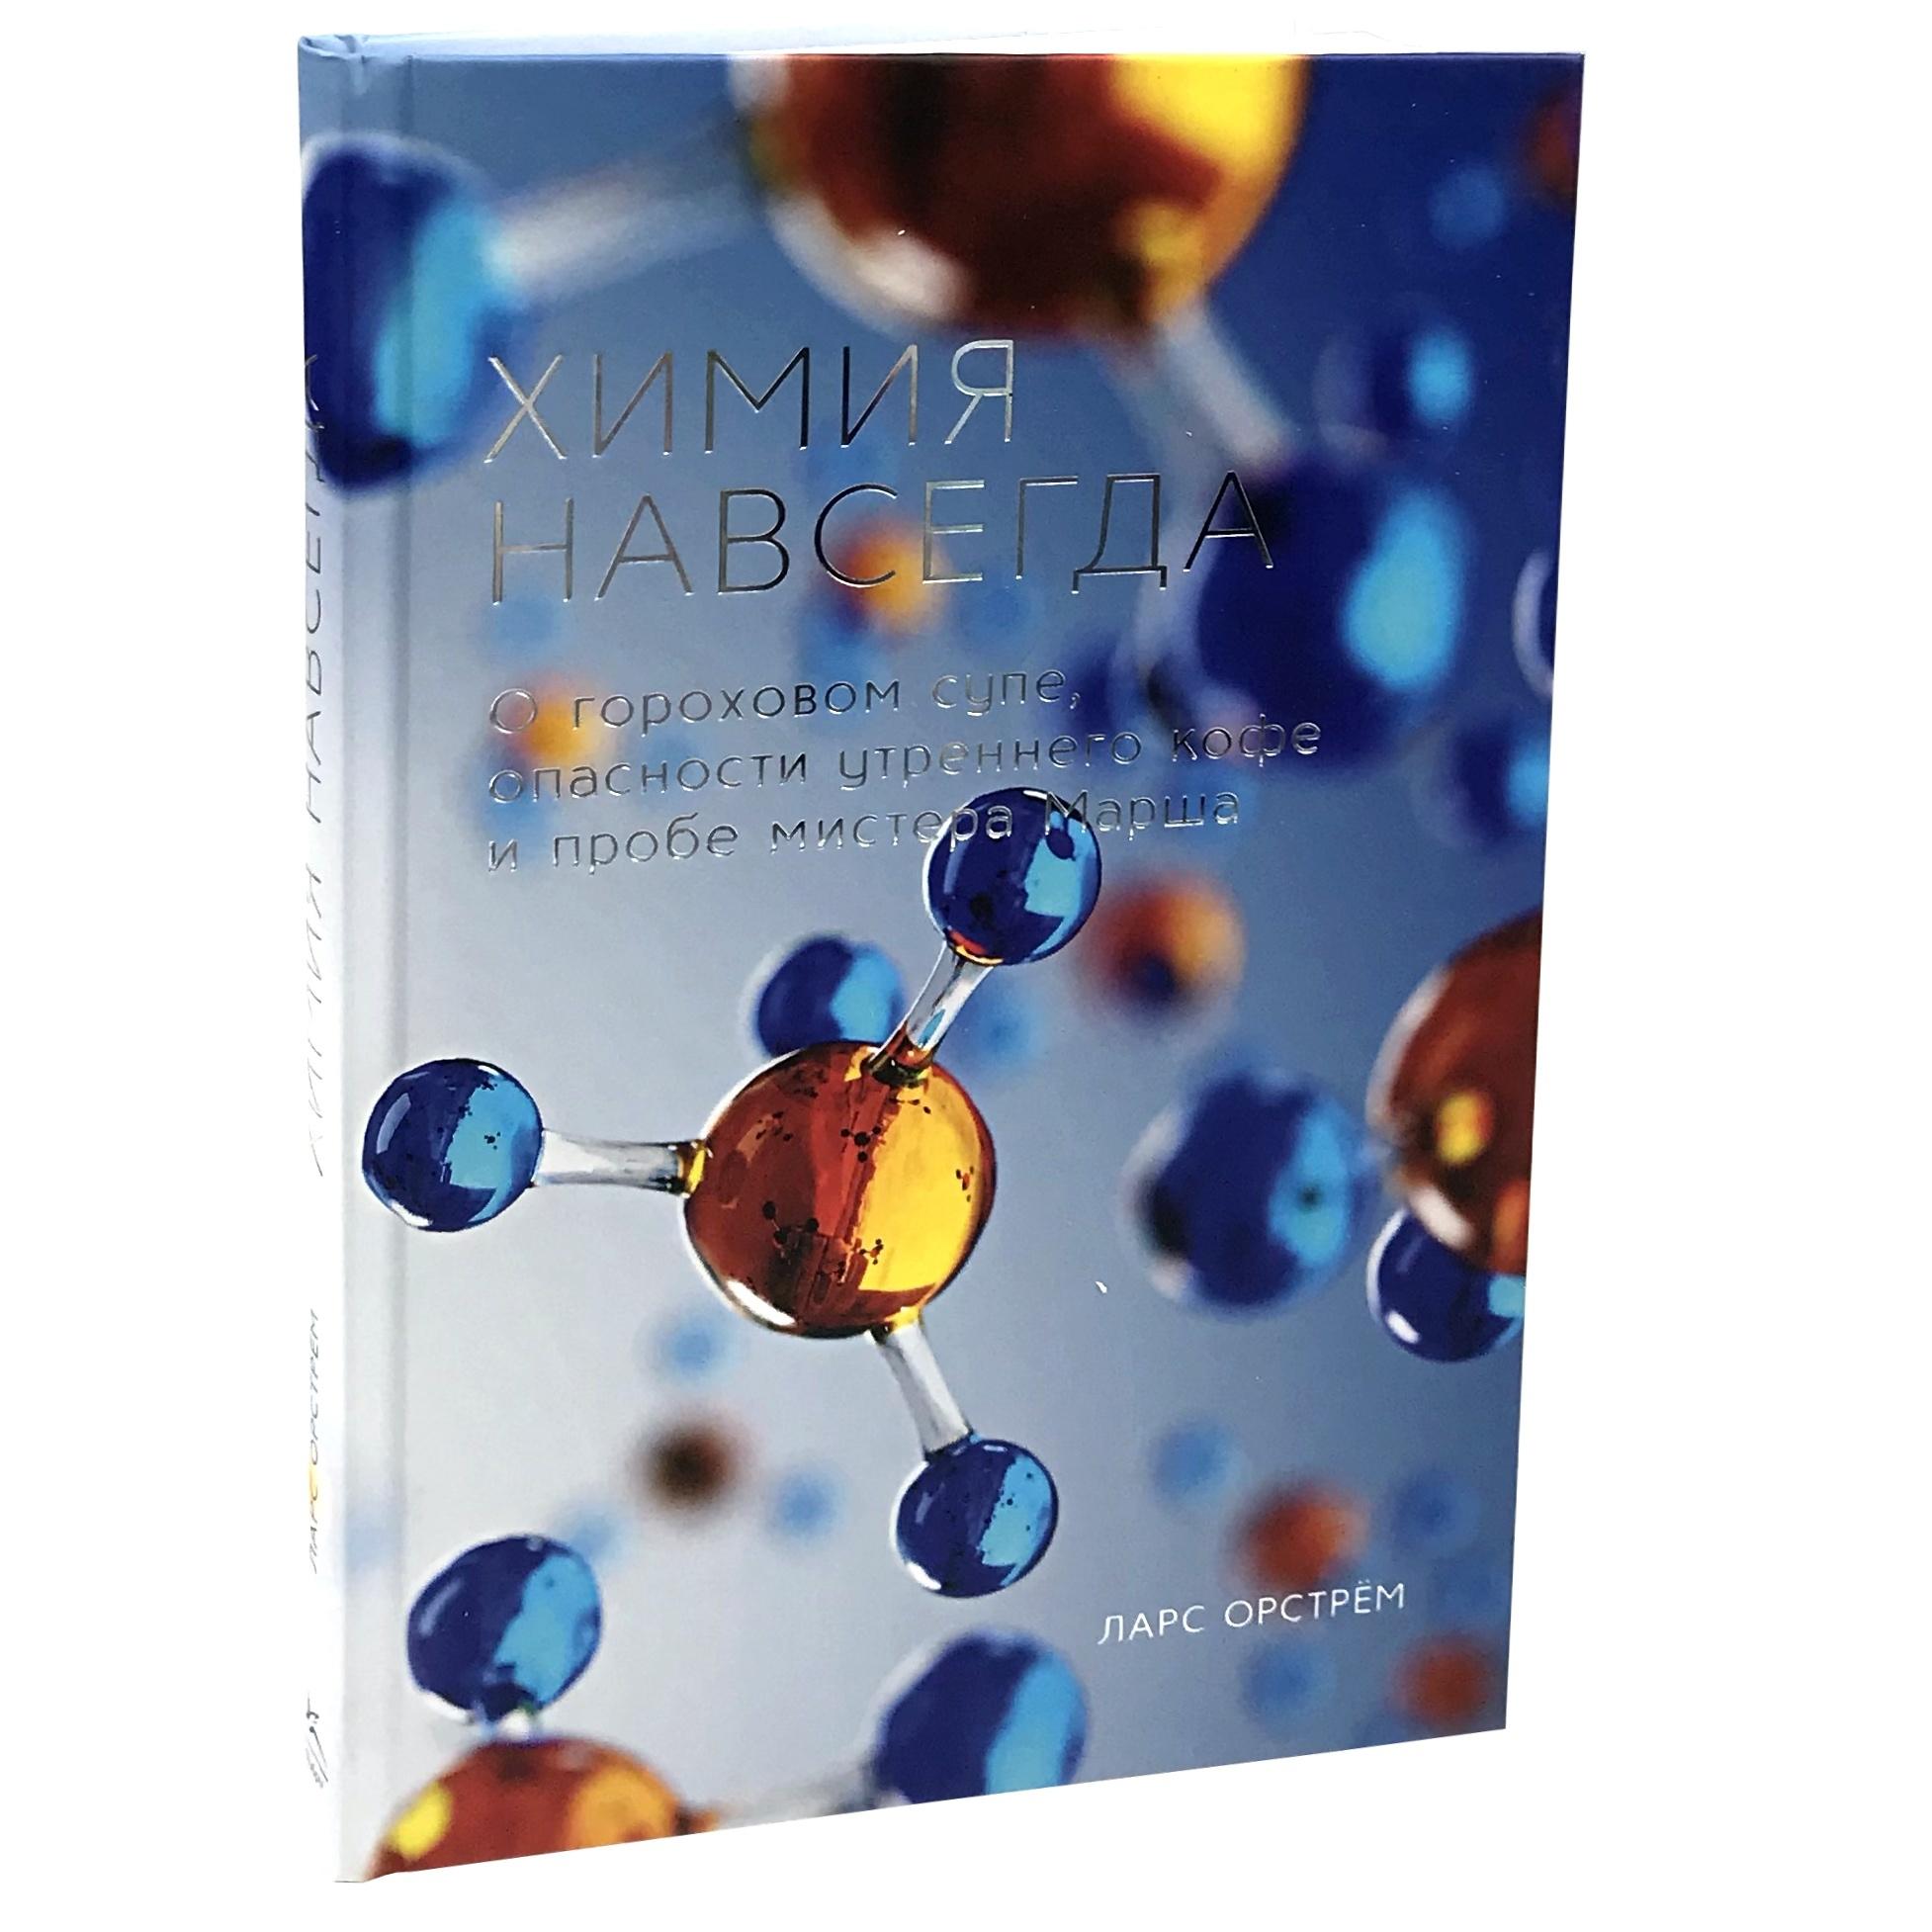 Химия навсегда. О гороховом супе, опасности утреннего кофе и пробе мистера Марша. Автор — Ларс Орстрём.